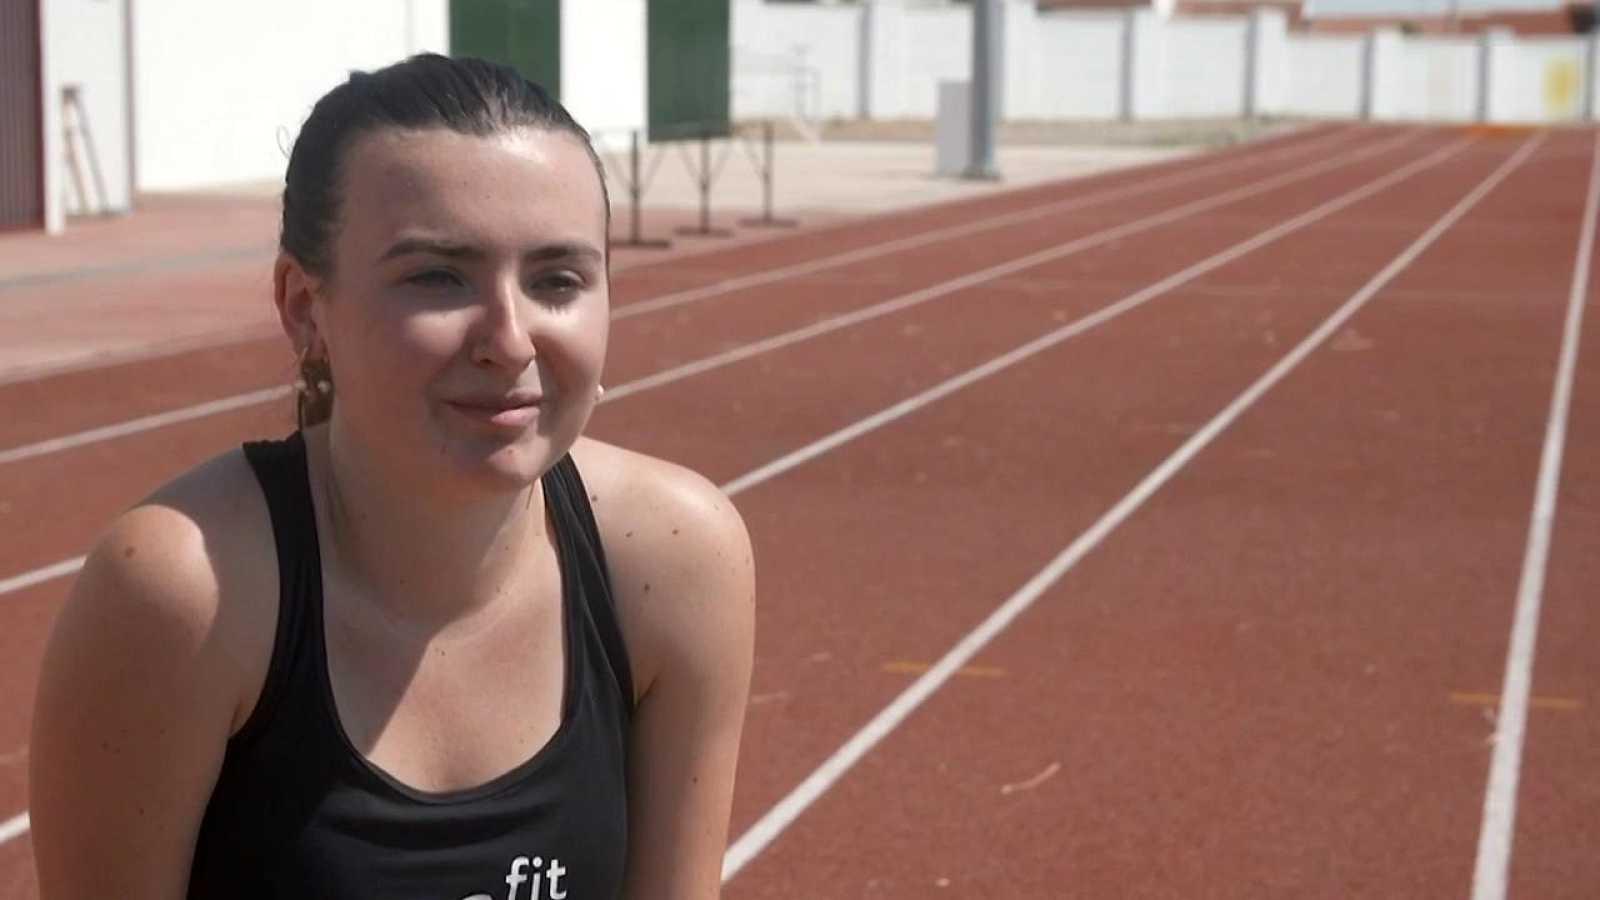 Mujer y Deporte - Atletismo: Ana Pulgarín - ver ahora